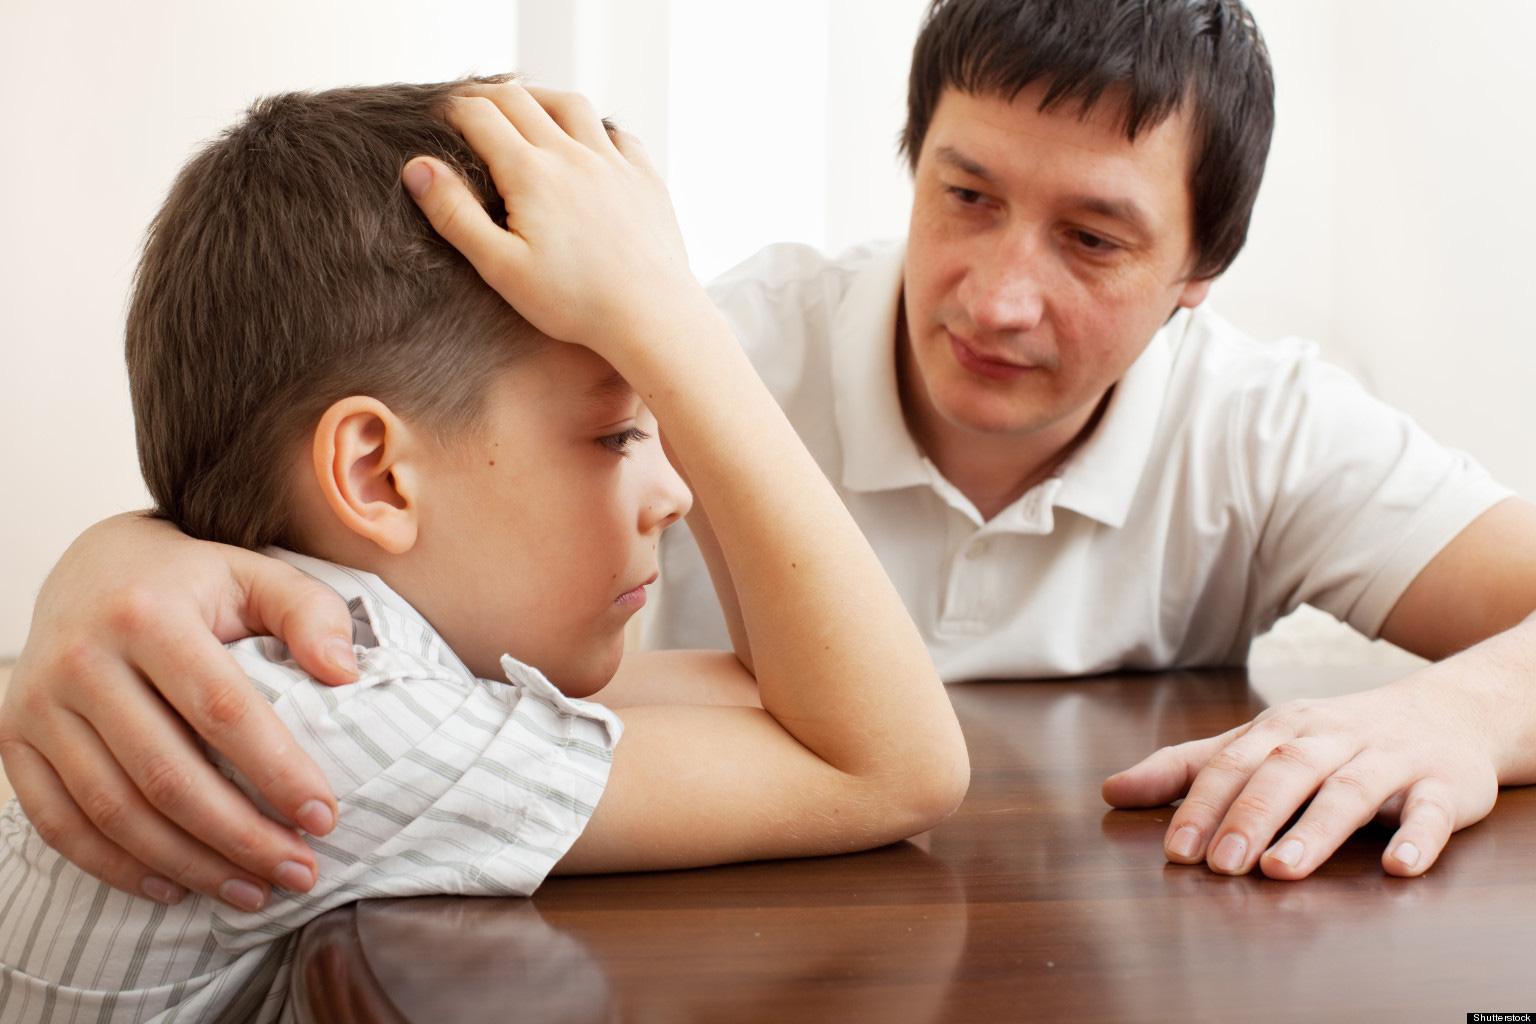 Làm gì khi con bạn lo lắng, căng thẳng hoặc dễ bị kích động trong mùa dịch COVID-19? - Ảnh 4.